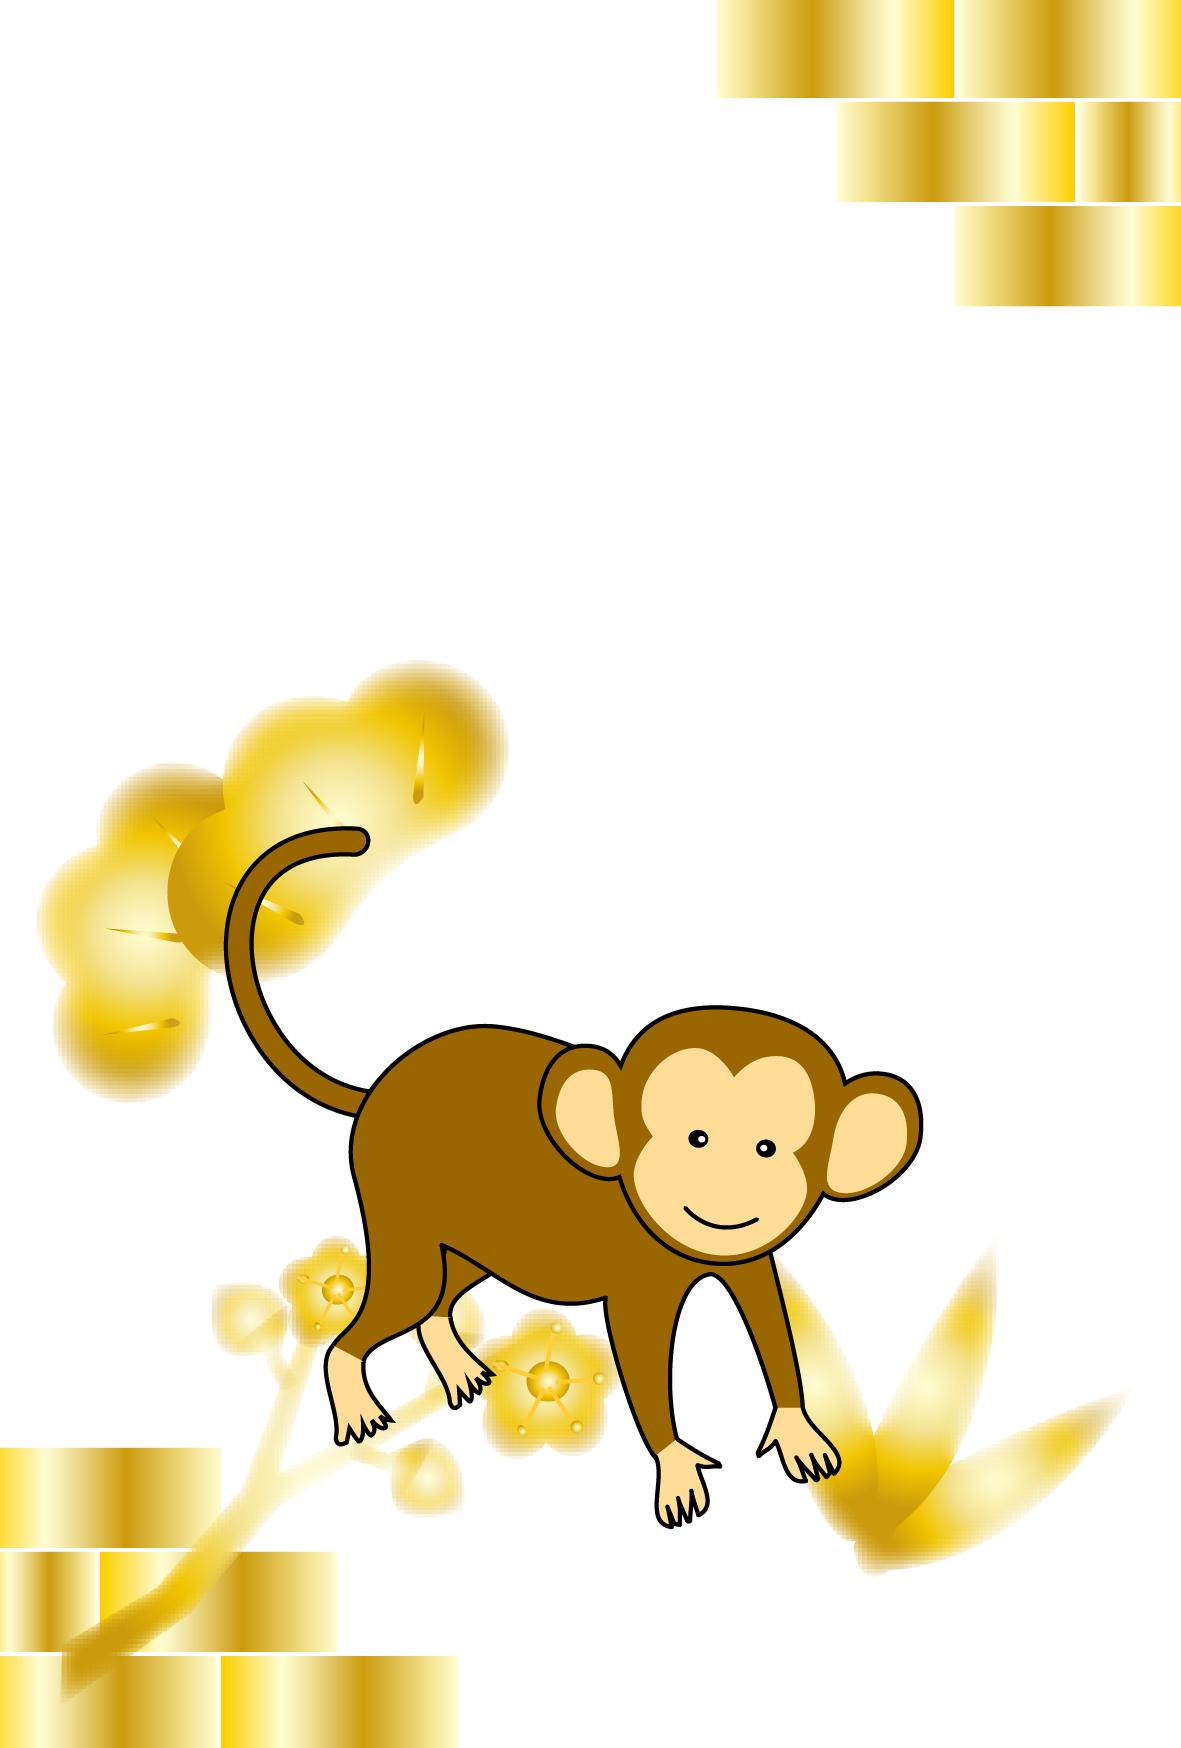 黄金の松竹梅の背景と猿のイラスト入り(文字なし)